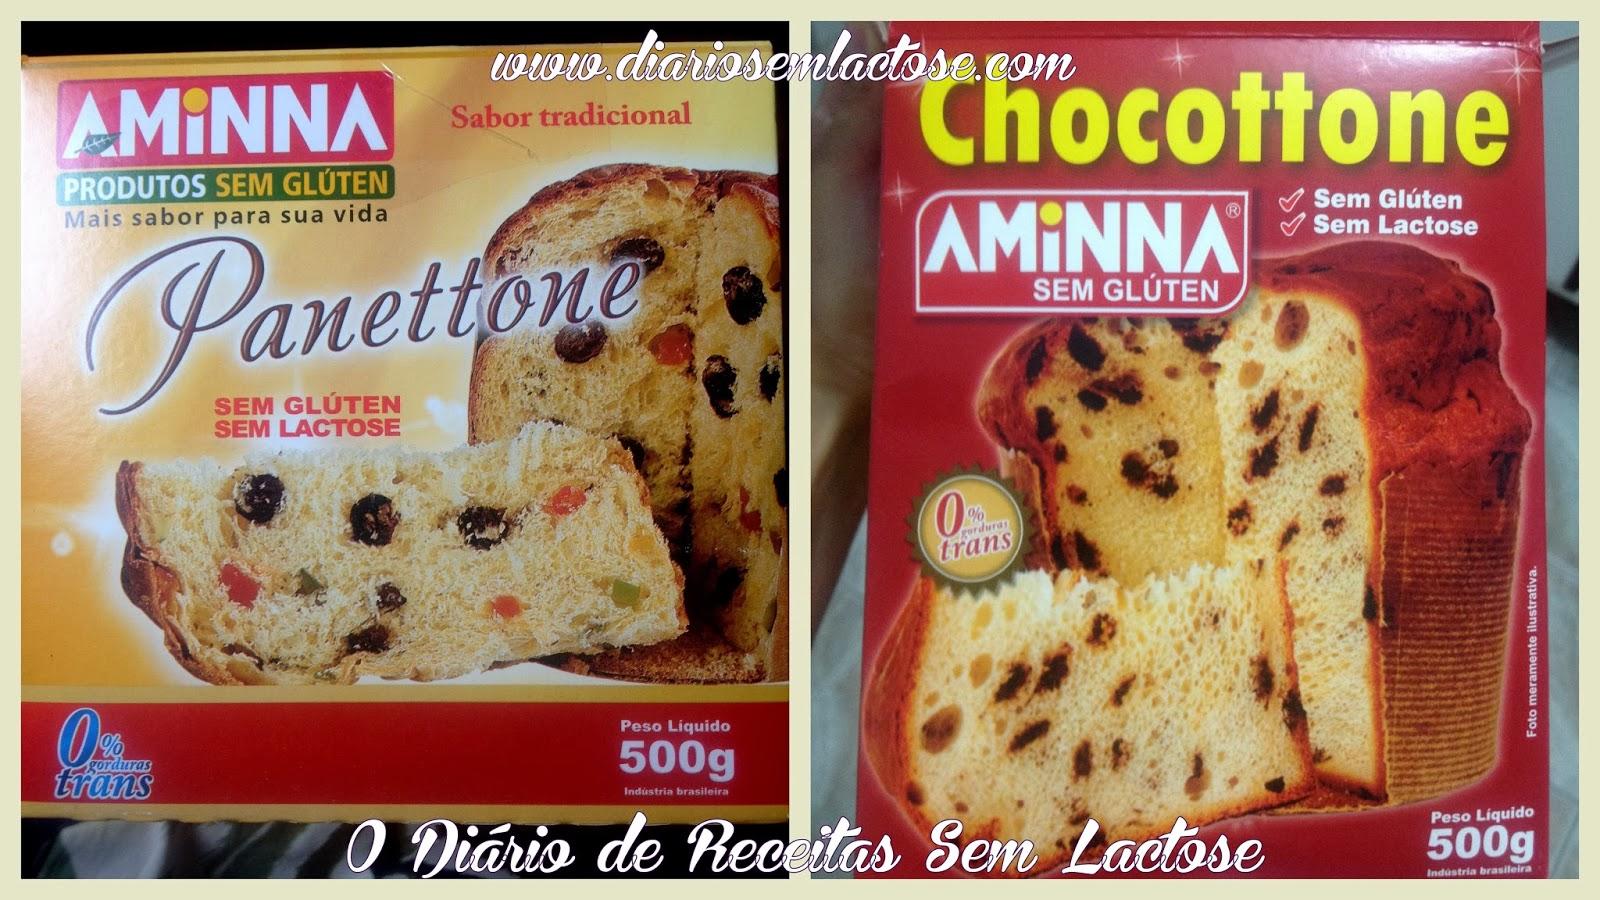 www.diariosemlactose.com